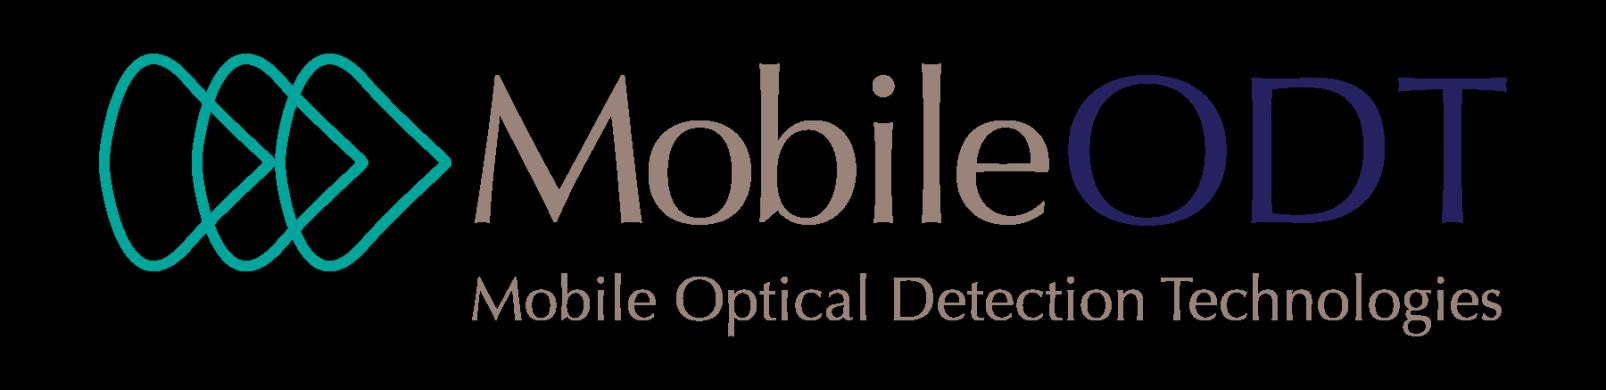 Copy-of-Mobileodt_logo_1800-e1459882432522.png